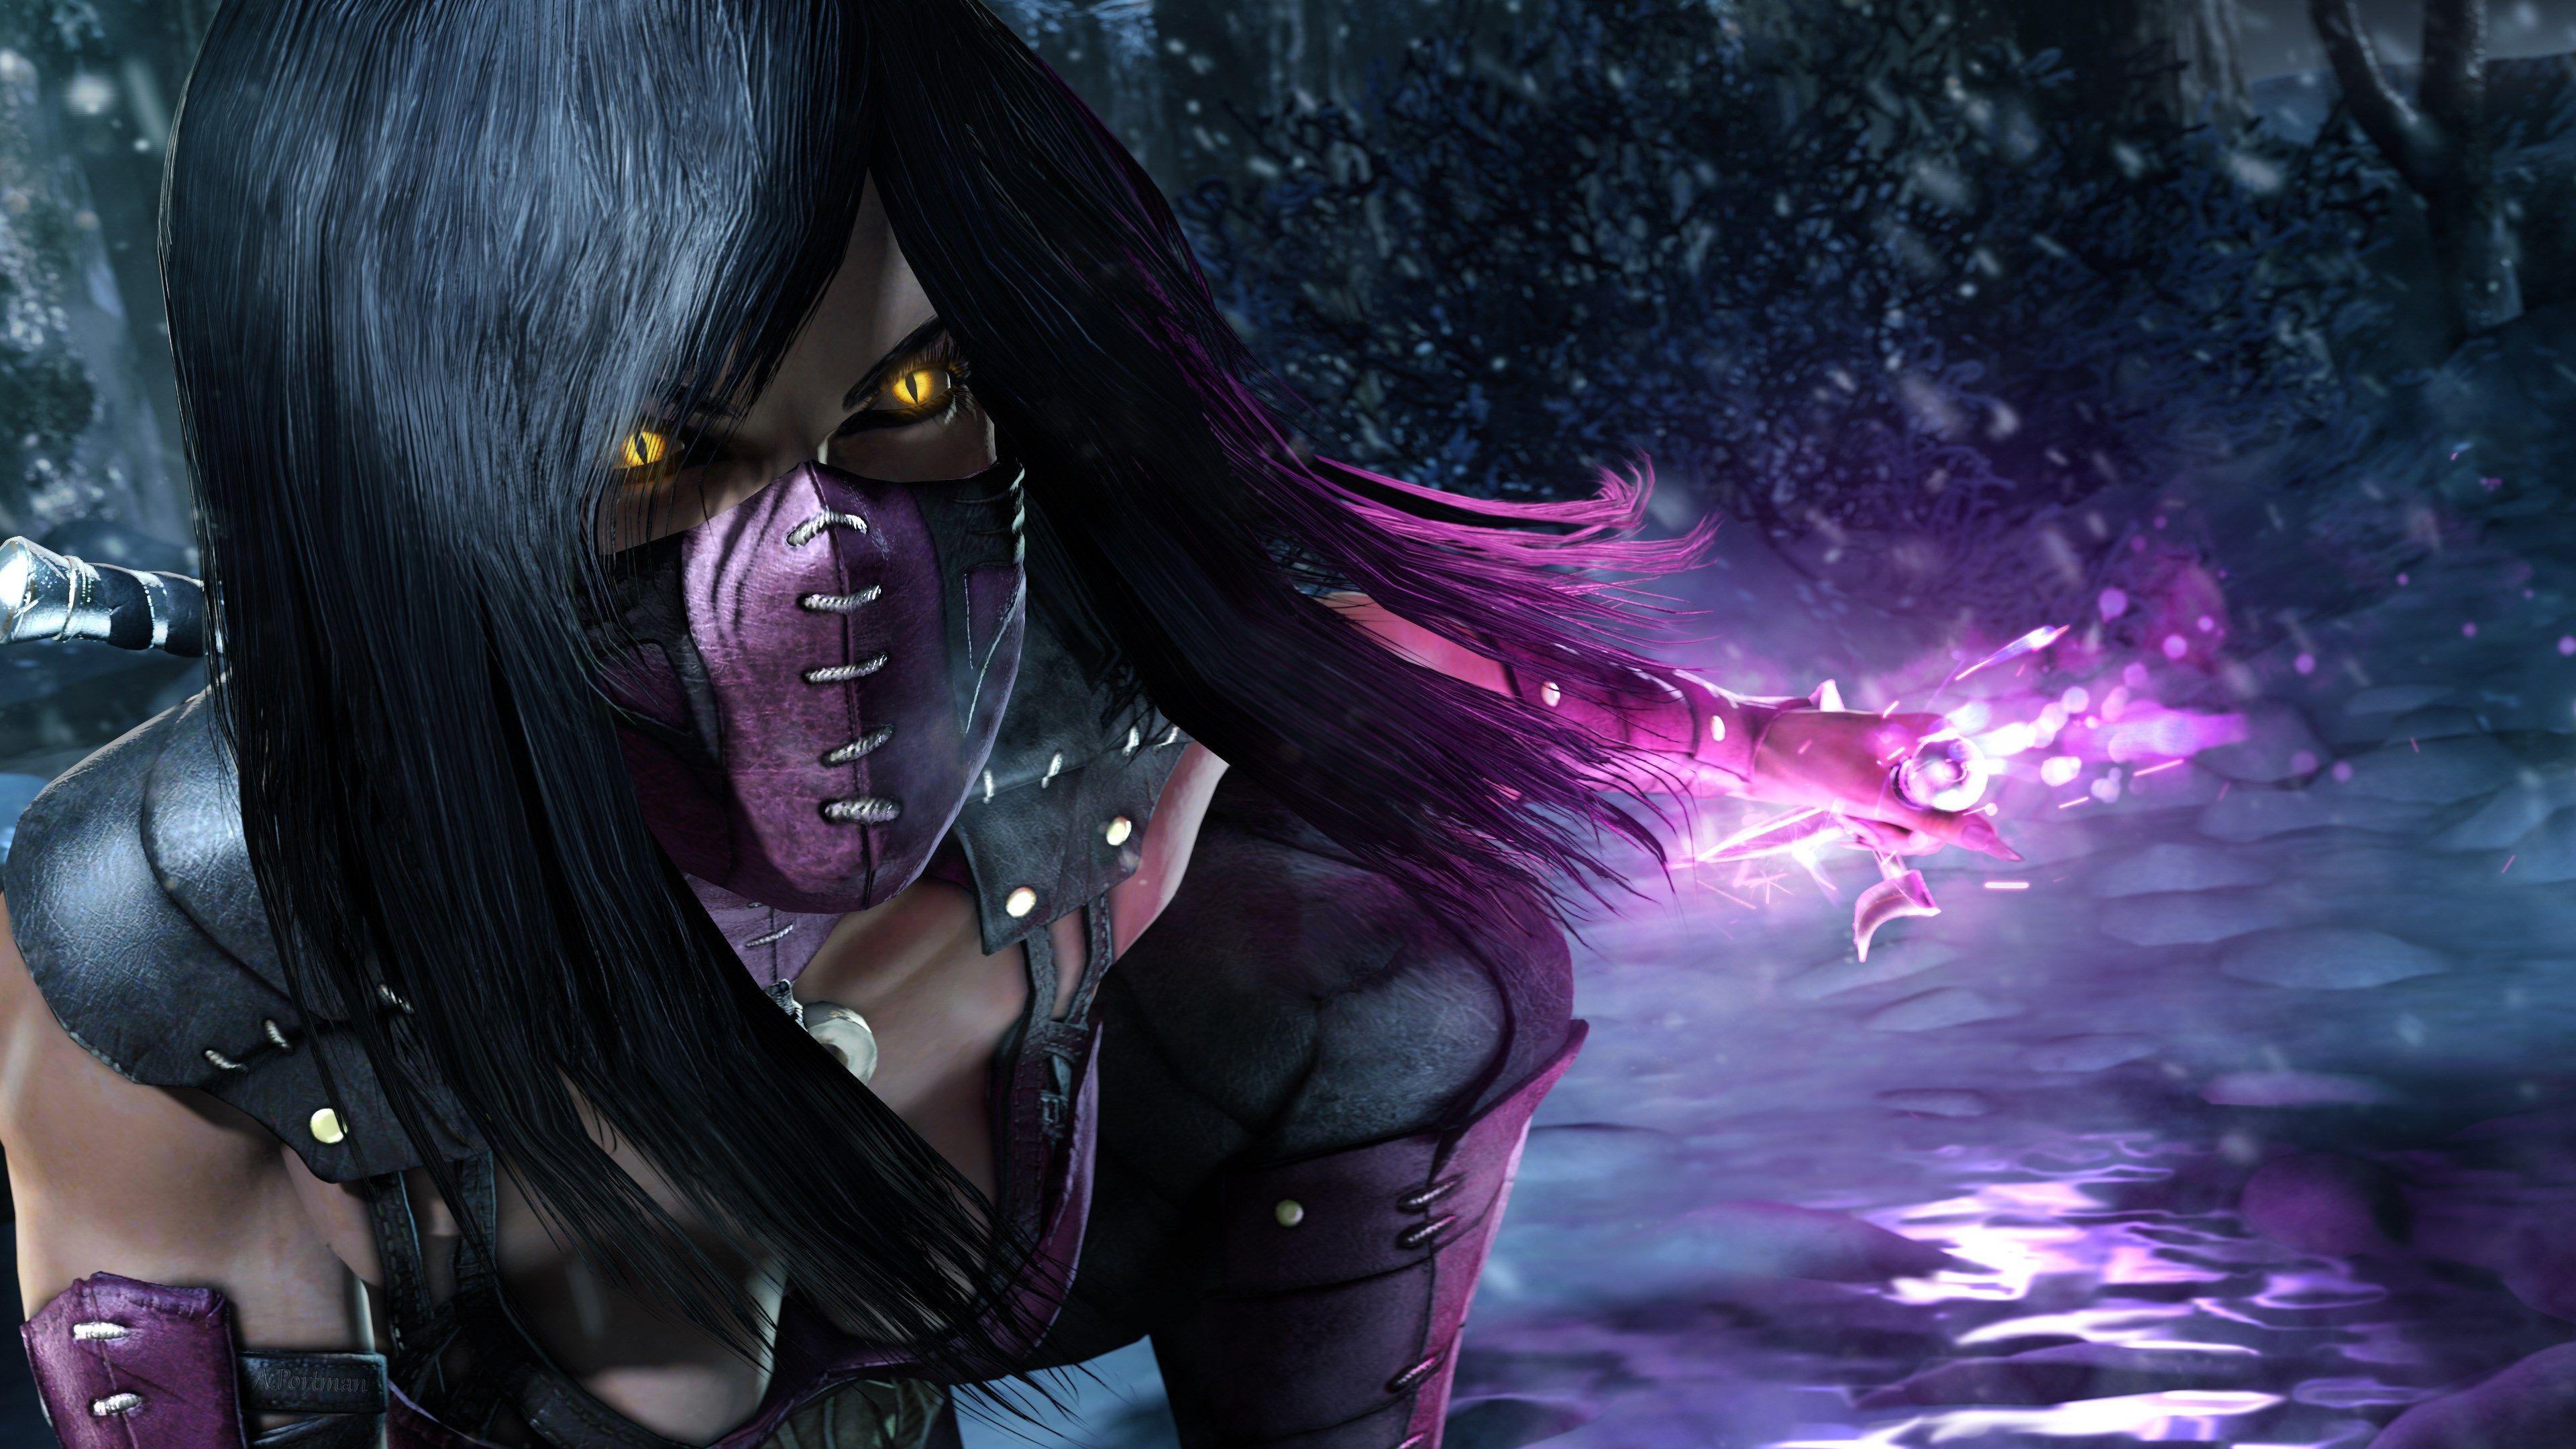 3840x2160 Mileena 4k Download Wallpaper Mortal Kombat X Mortal Kombat Mortal Kombat X Characters